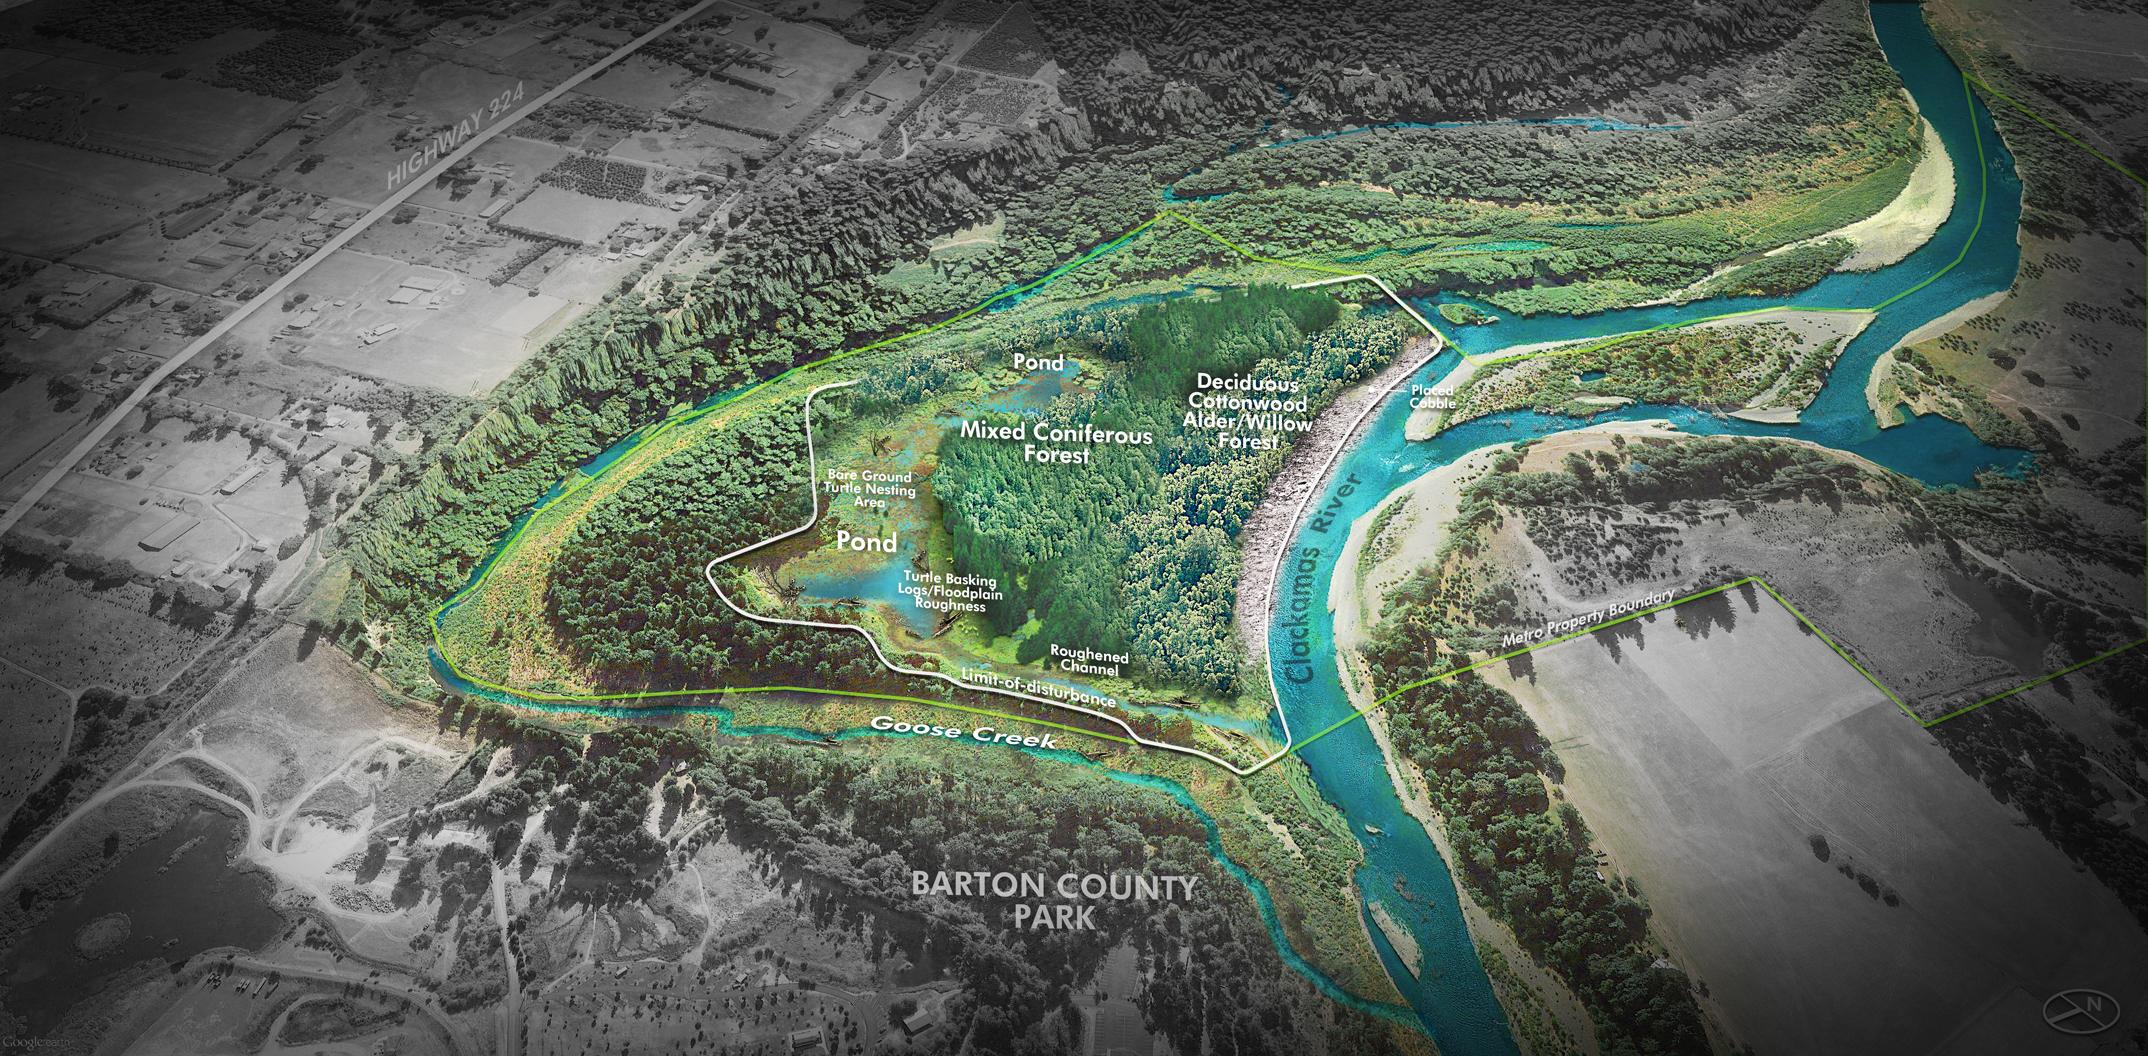 River Island Restoration Project, ACEC Oregon, Honor Award, 2018